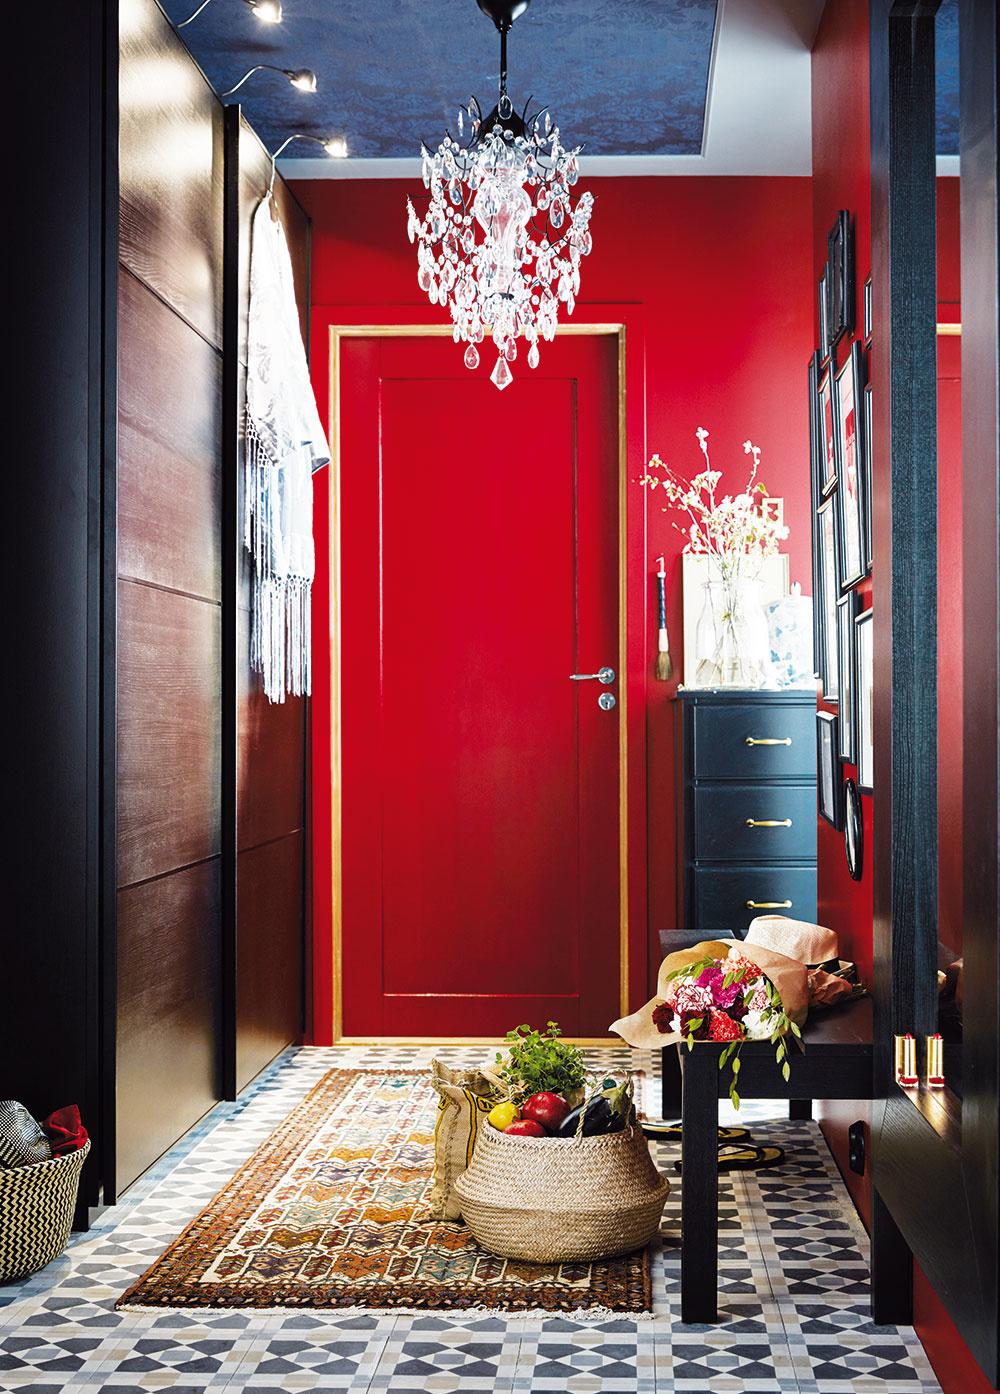 Aj vstupná hala môže pôsobiť noblesne, ba priam kráľovsky. Stačí, ak spolu zmiešate tie správne ingrediencie – slávnostnú tmavočervenú farbu na stenách, honosný krištáľový luster, zlaté úchytky na skrinke, luxusný koberec. Tento mix sa zaručene postará ovstup, zktorého každá návšteva ostane ohromená.